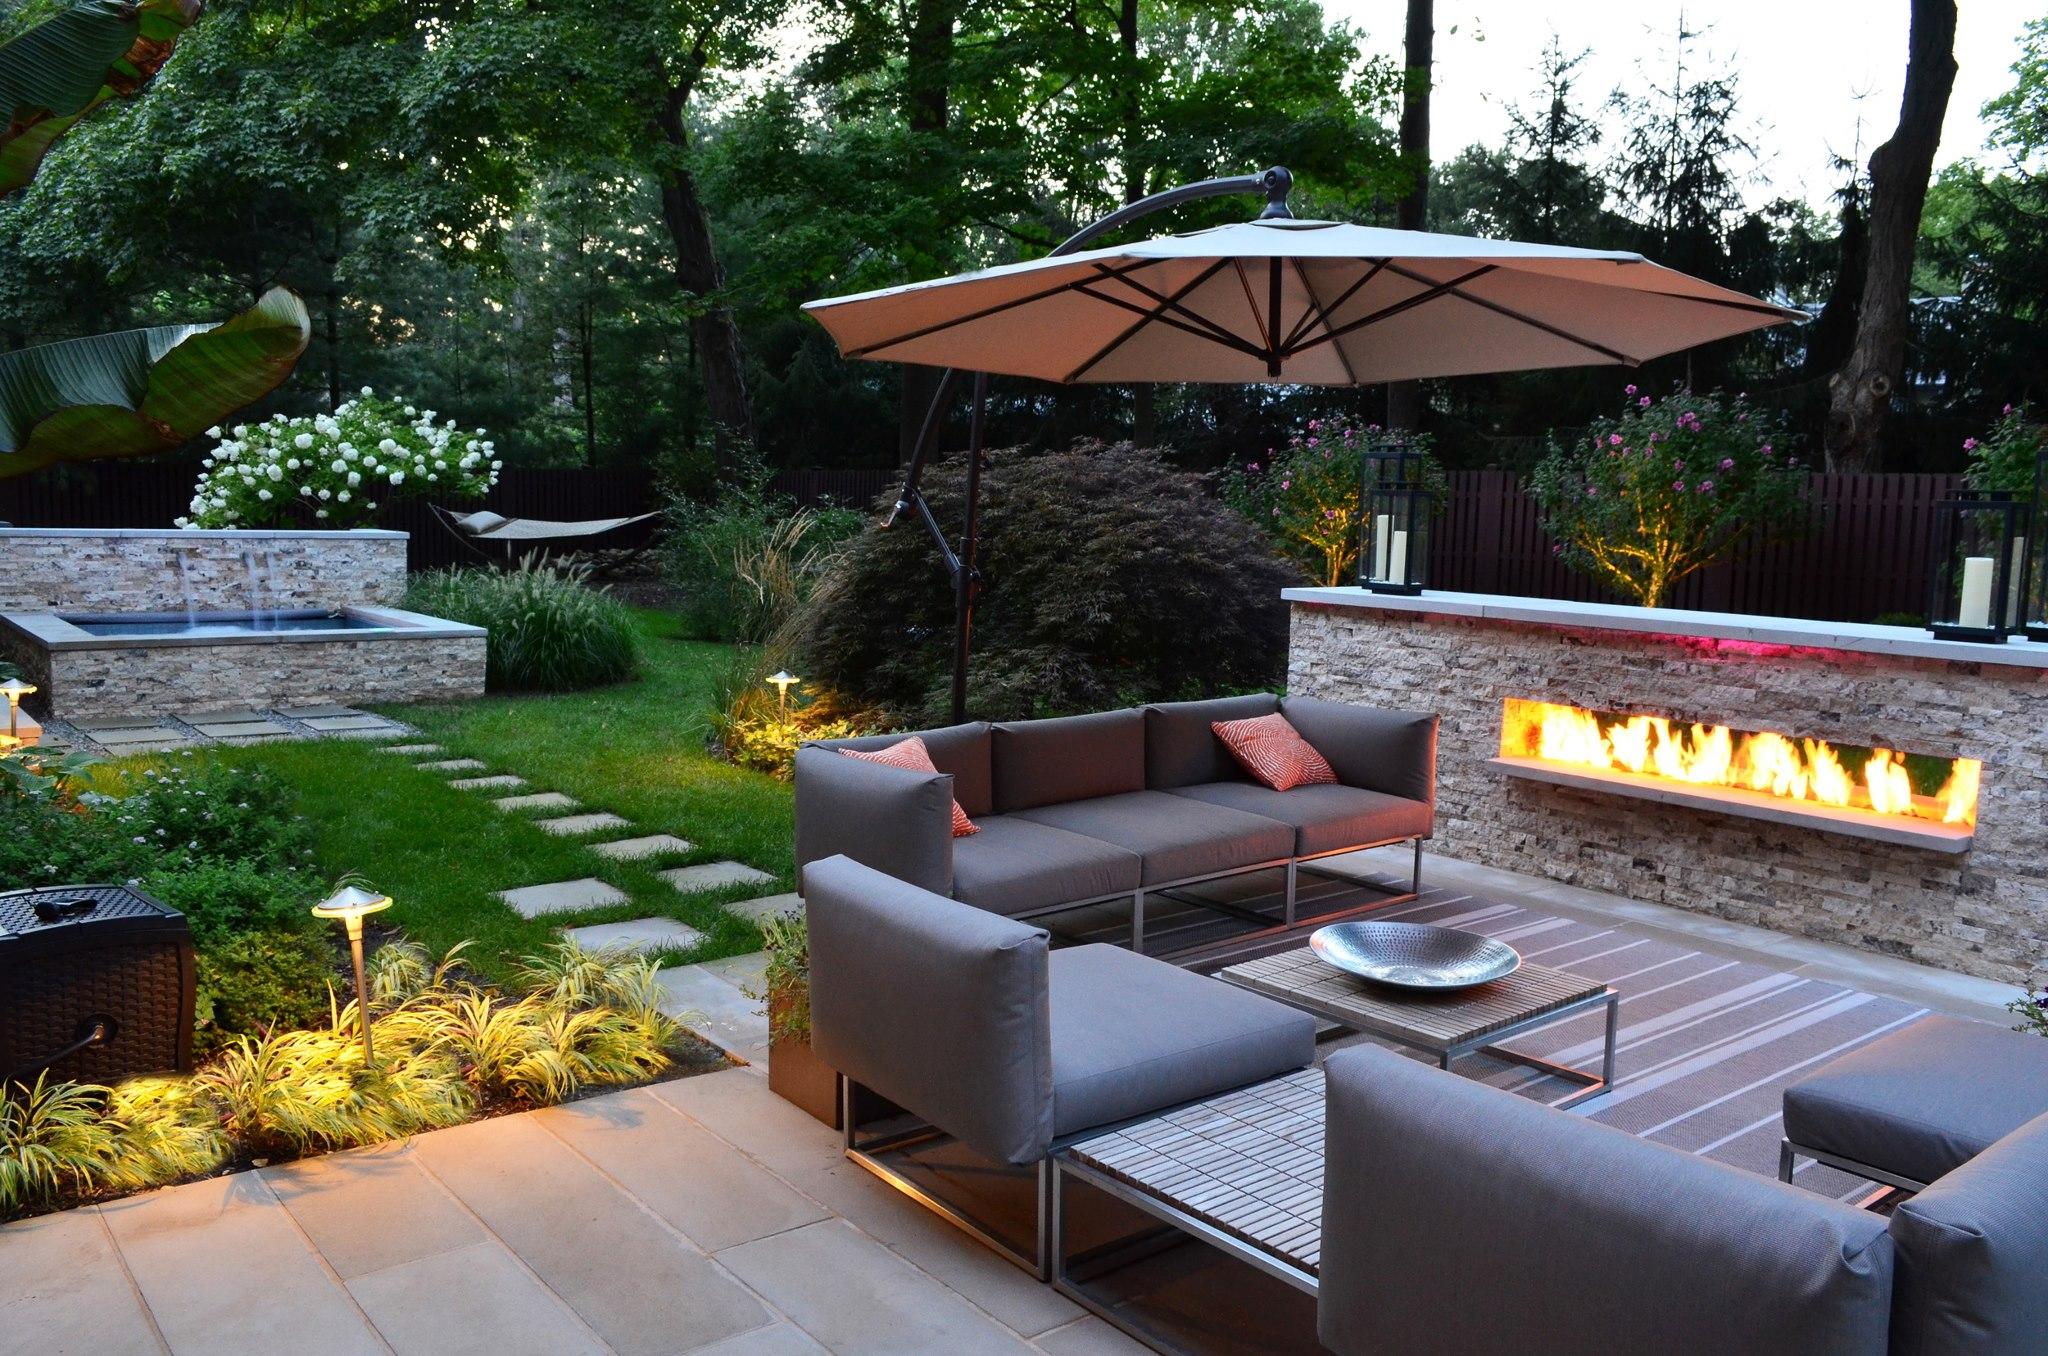 Mobilier De Jardin De Style Chic Avec Spa Et Fontaine